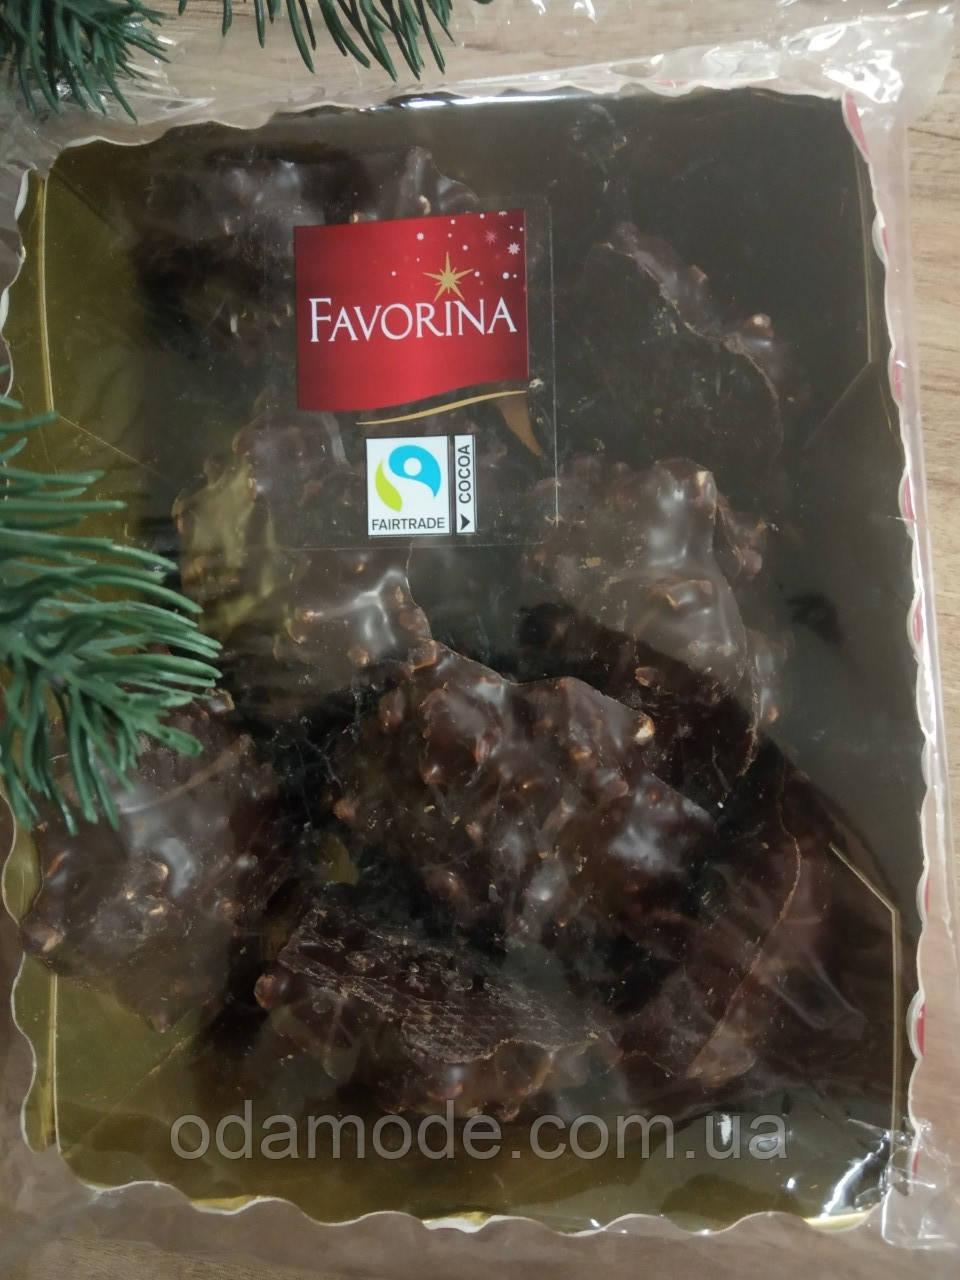 Шоколадные пряники с орешками Pierniki wiodowe Favorina 200г(Польша)